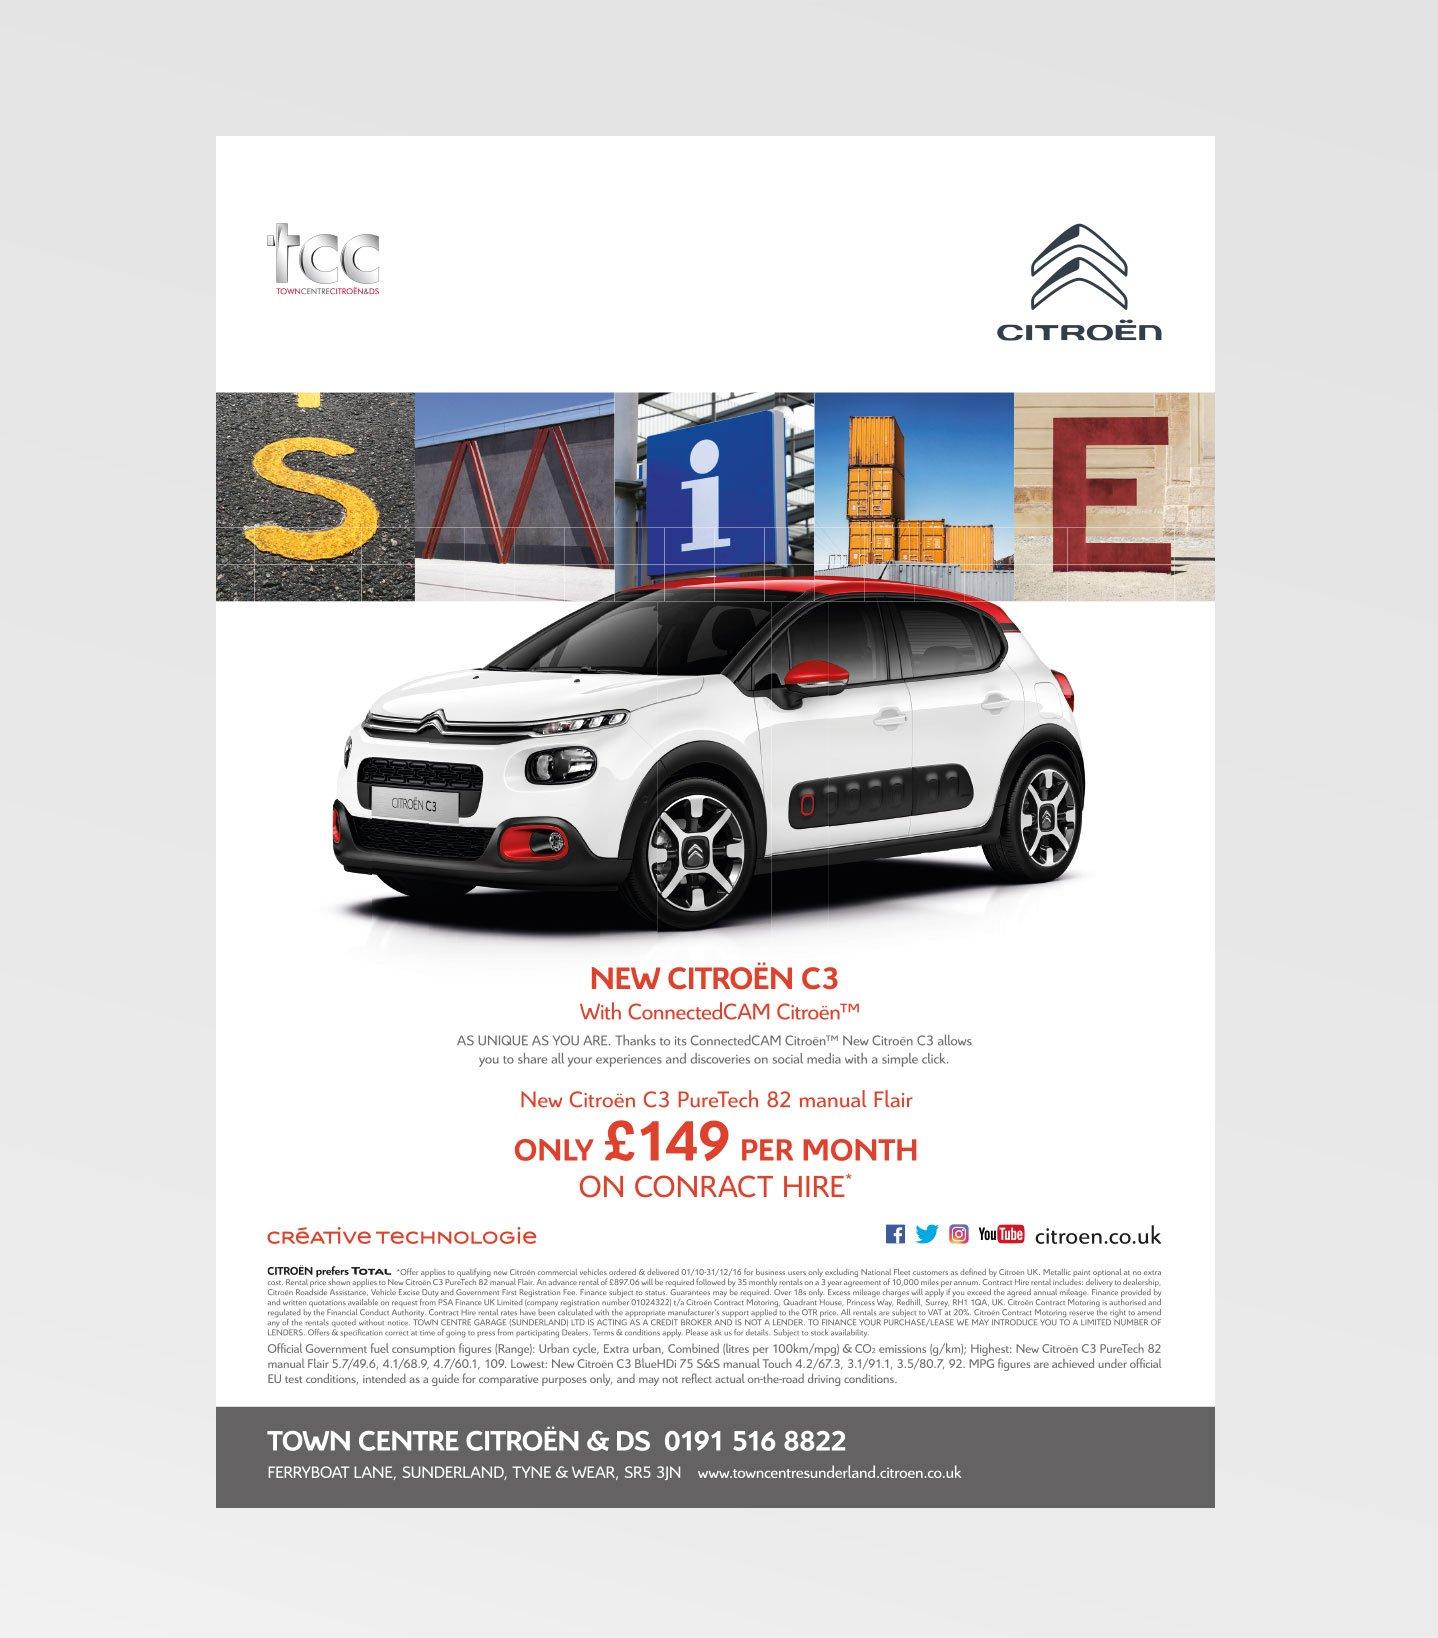 6_psa_dealer_marketing_v2.jpg